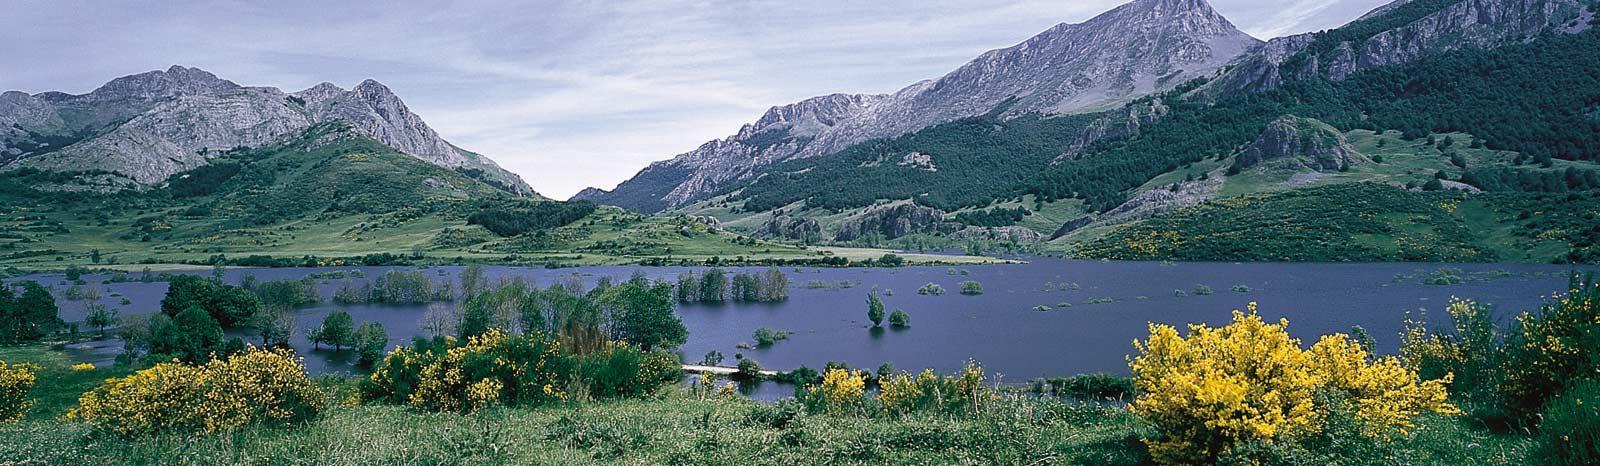 Visitar el Parque Nacional de los Picos de Europa. 1